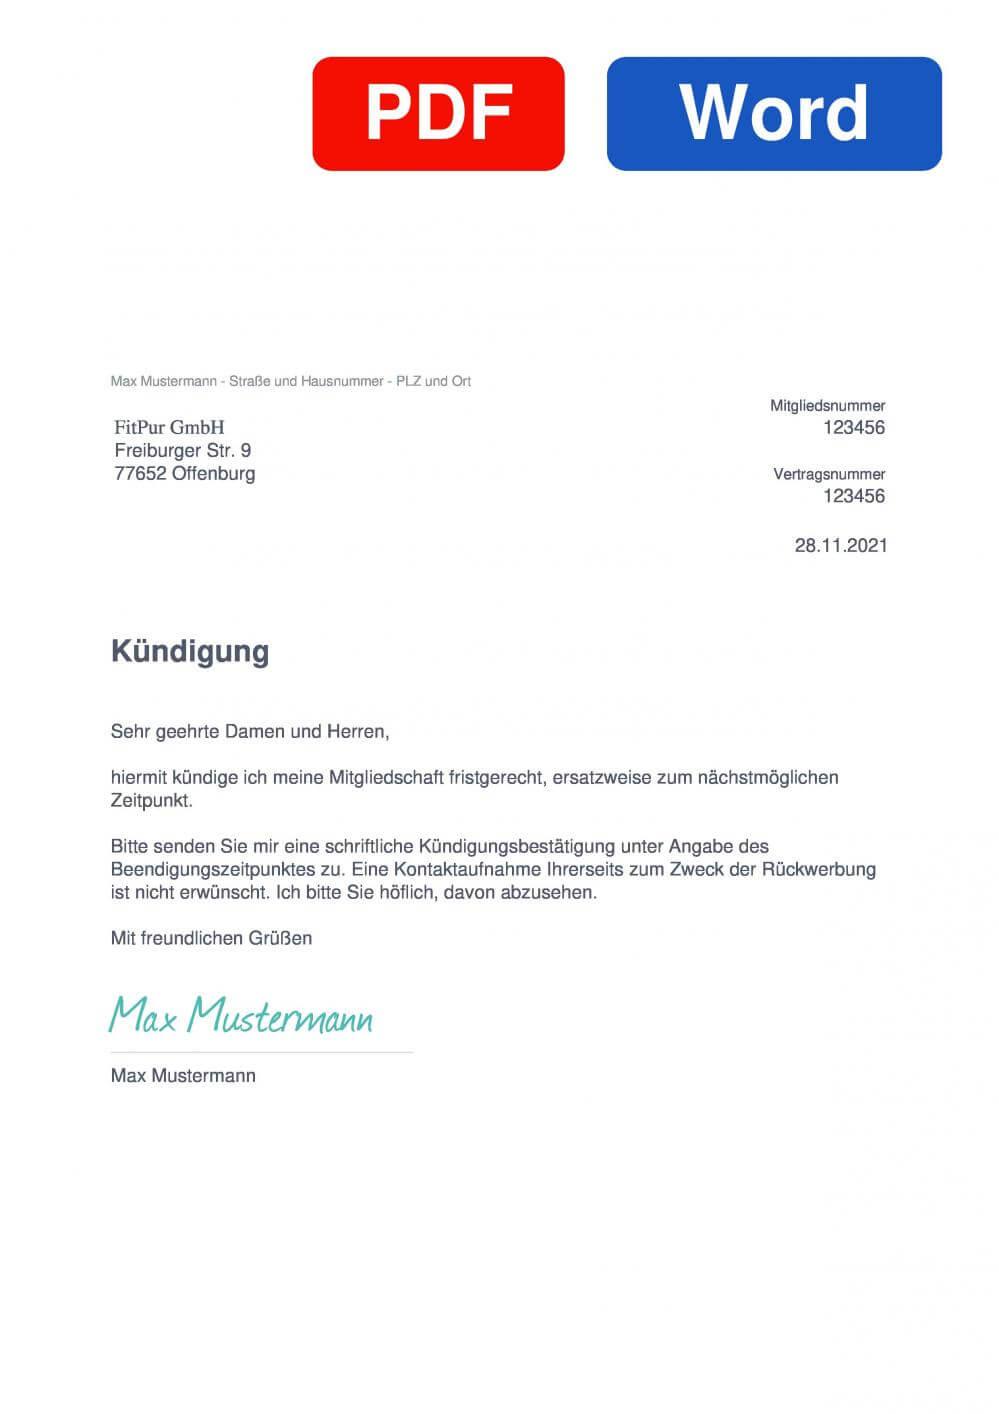 FitPur Muster Vorlage für Kündigungsschreiben